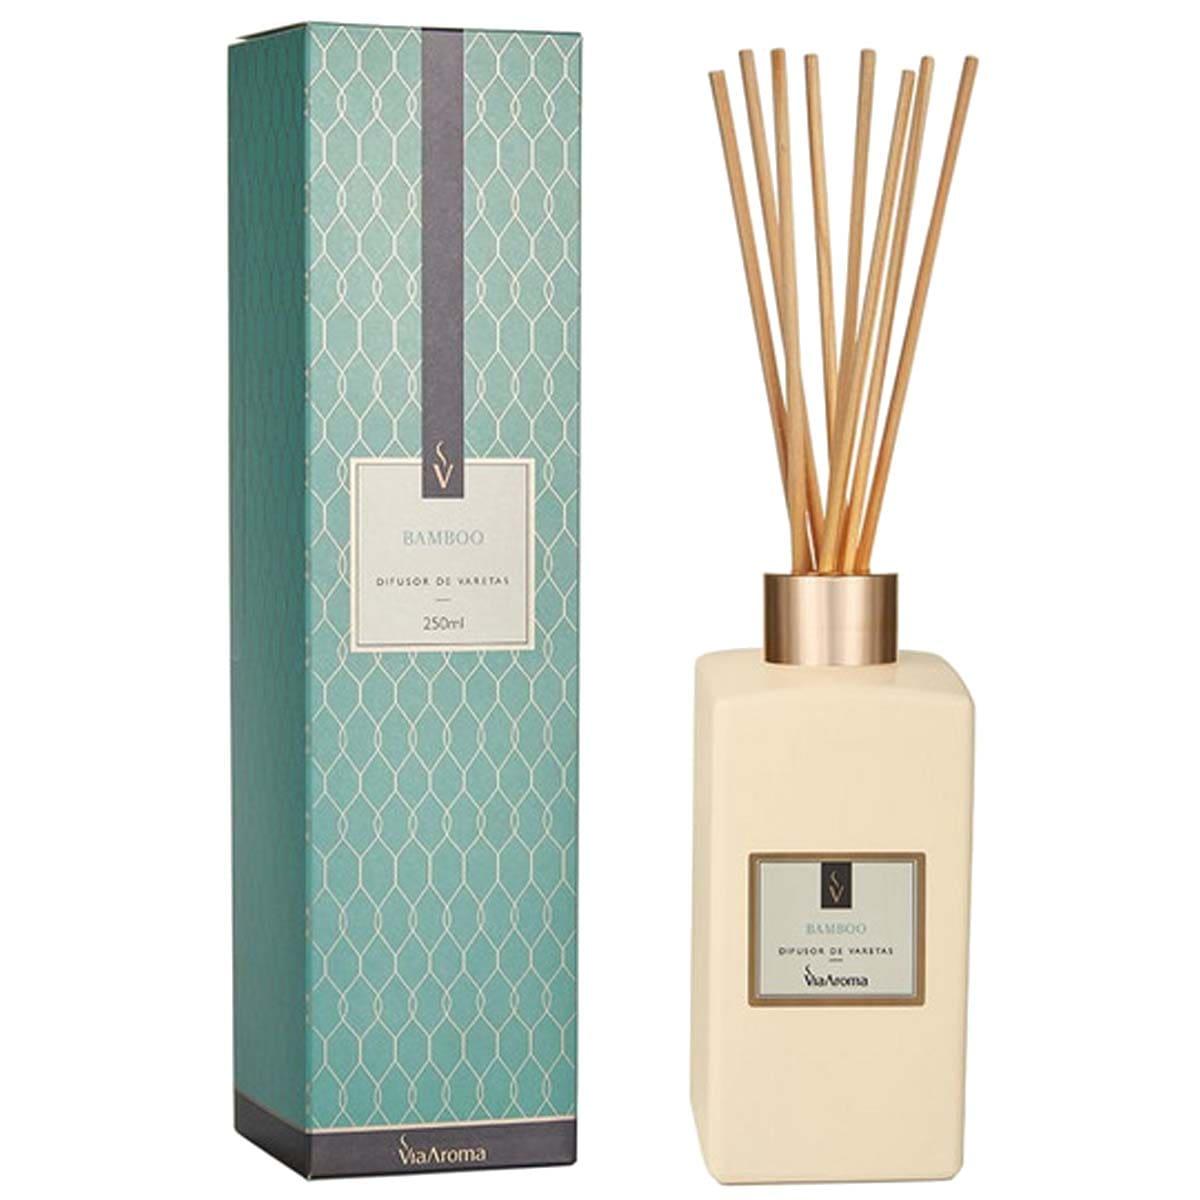 Difusor de aromas bamboo 250ml